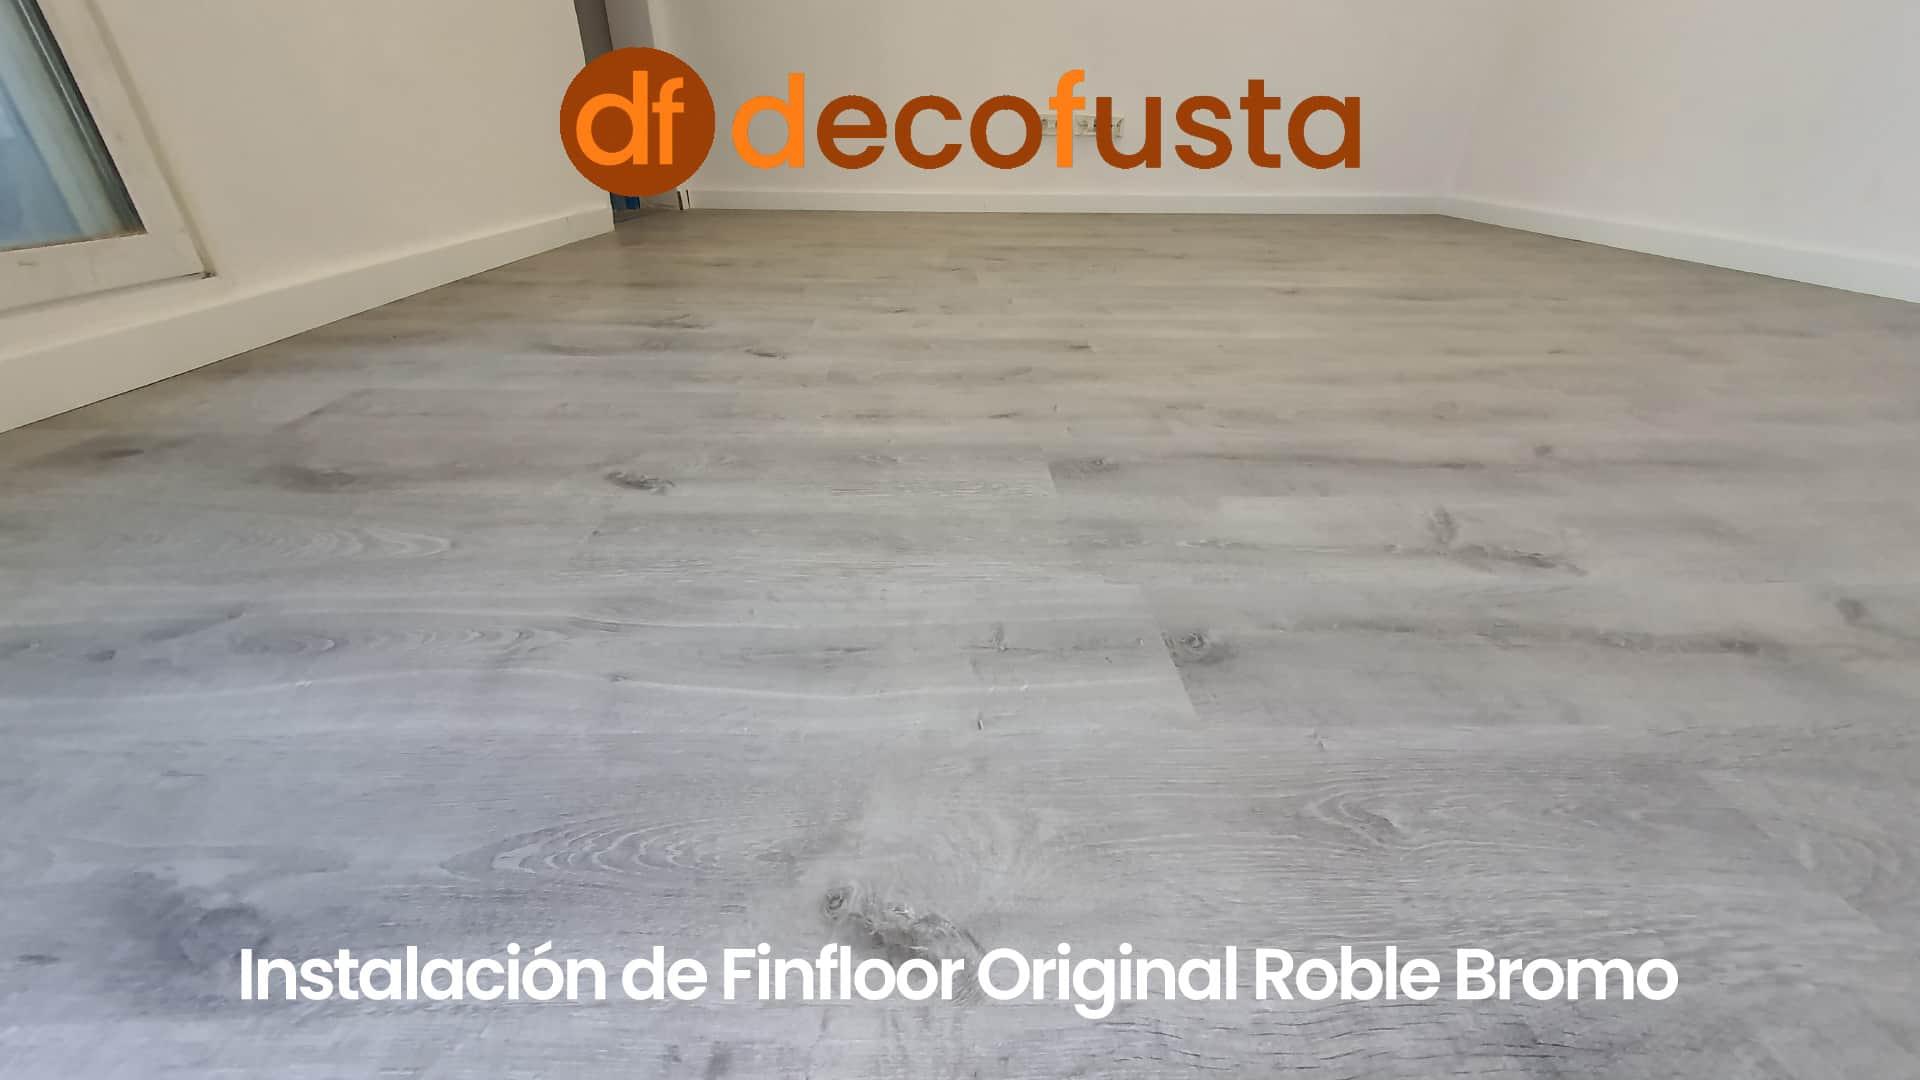 Instalación de Finfloor Original Roble Bromo